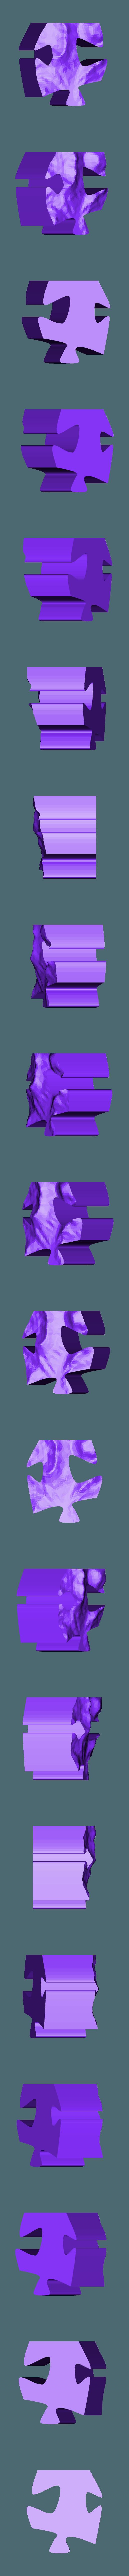 50.stl Télécharger fichier STL gratuit Echelle épique - Terrain - Zion NP • Objet à imprimer en 3D, TCP491016